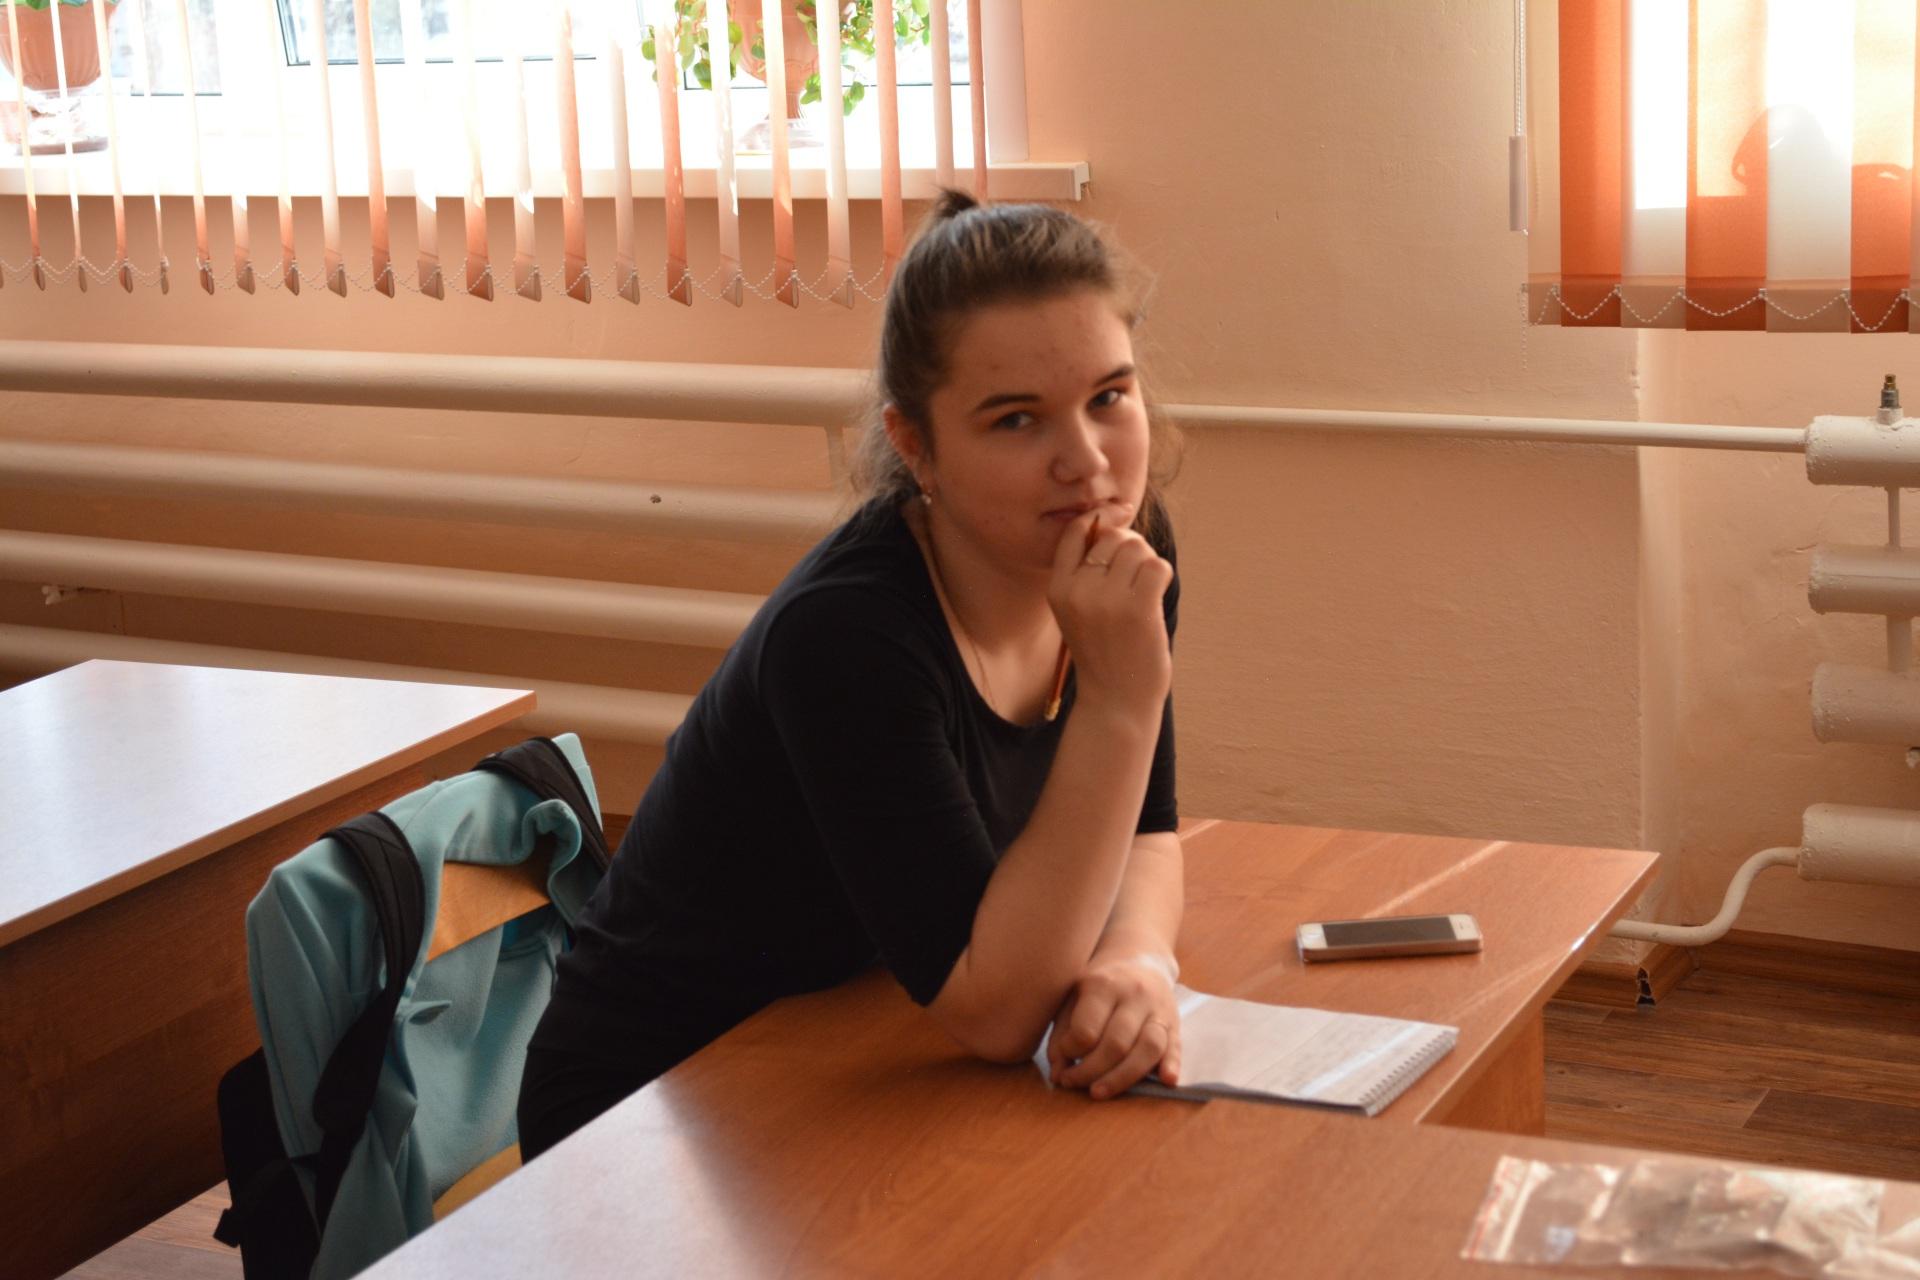 Школьница из Коми будет участвовать во Всероссийском юниорском лесном конкурсе